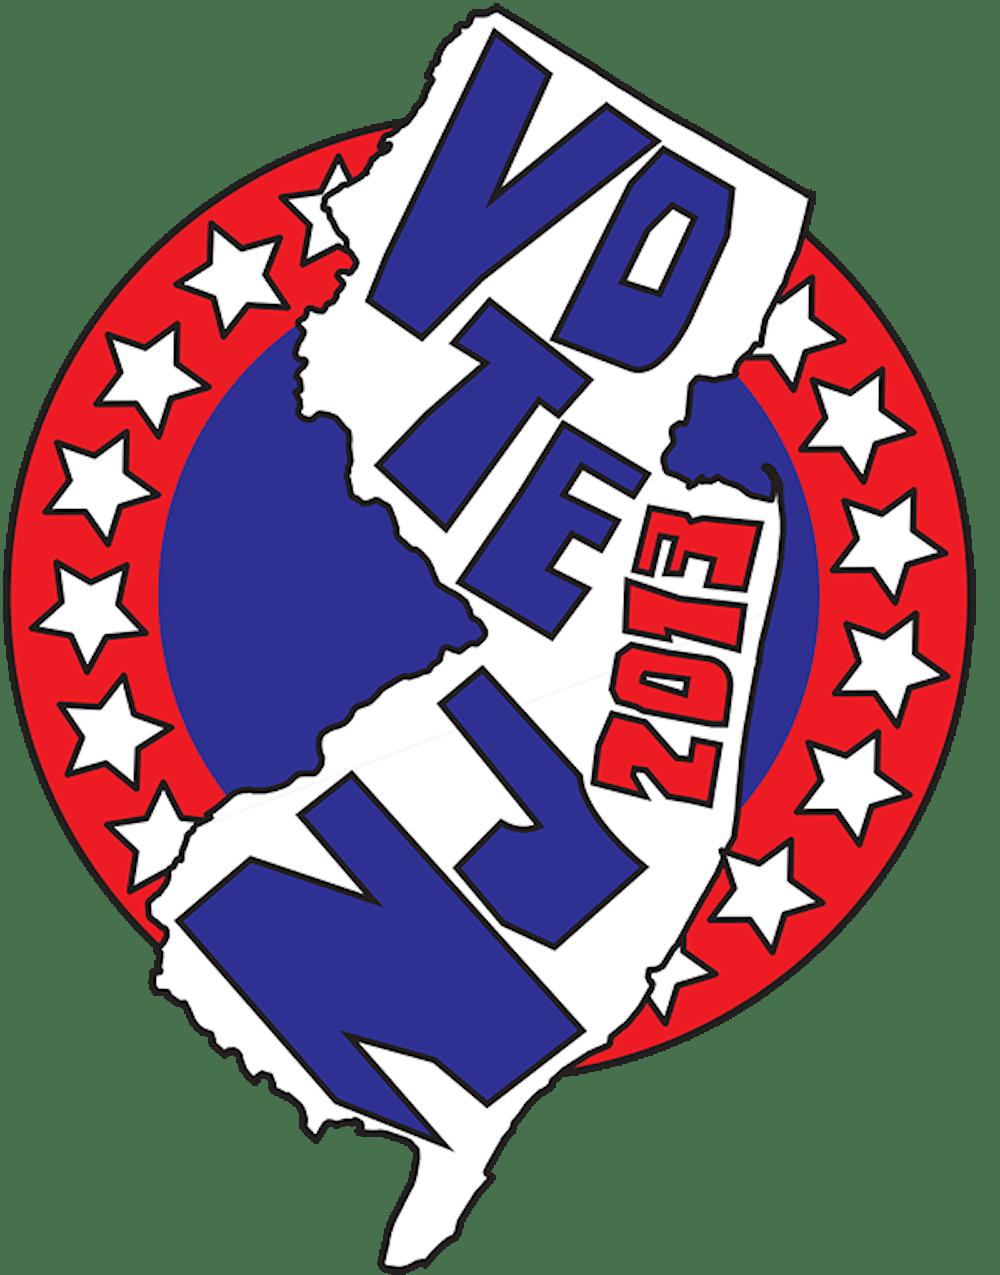 nj-election-2013-button